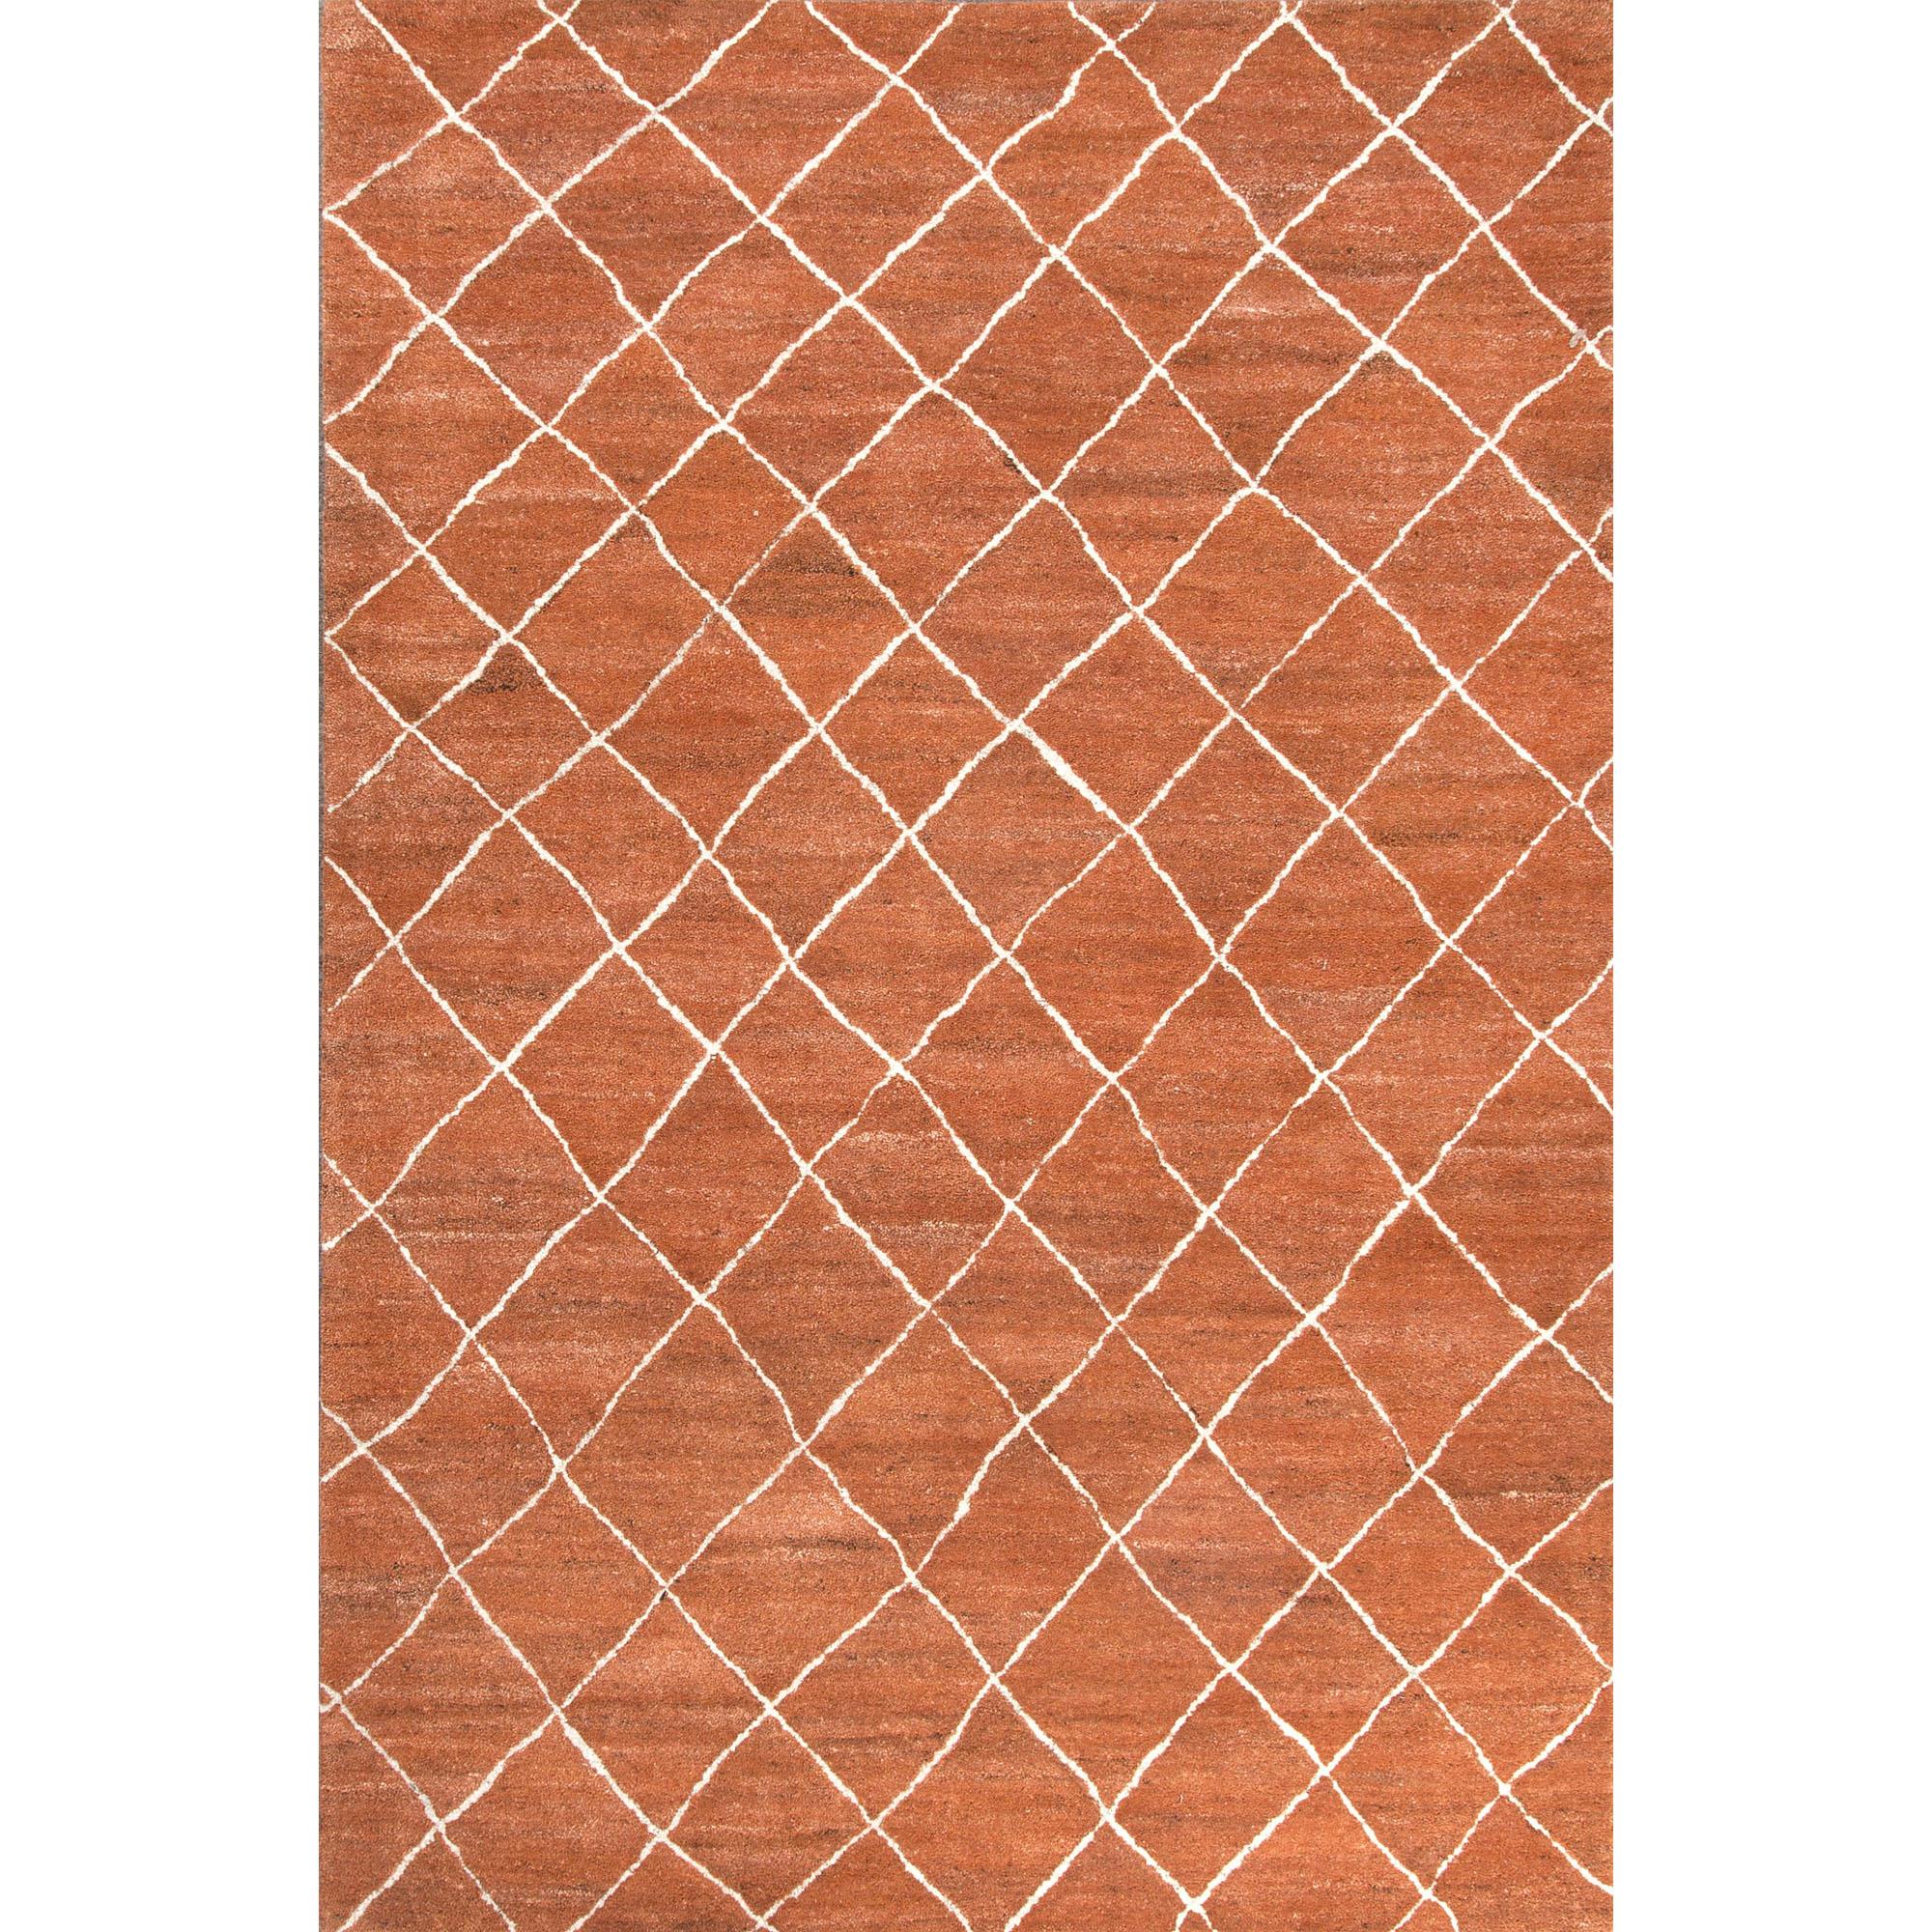 JAIPUR Rugs Riad 4 x 6 Rug - Item Number: RUG113130